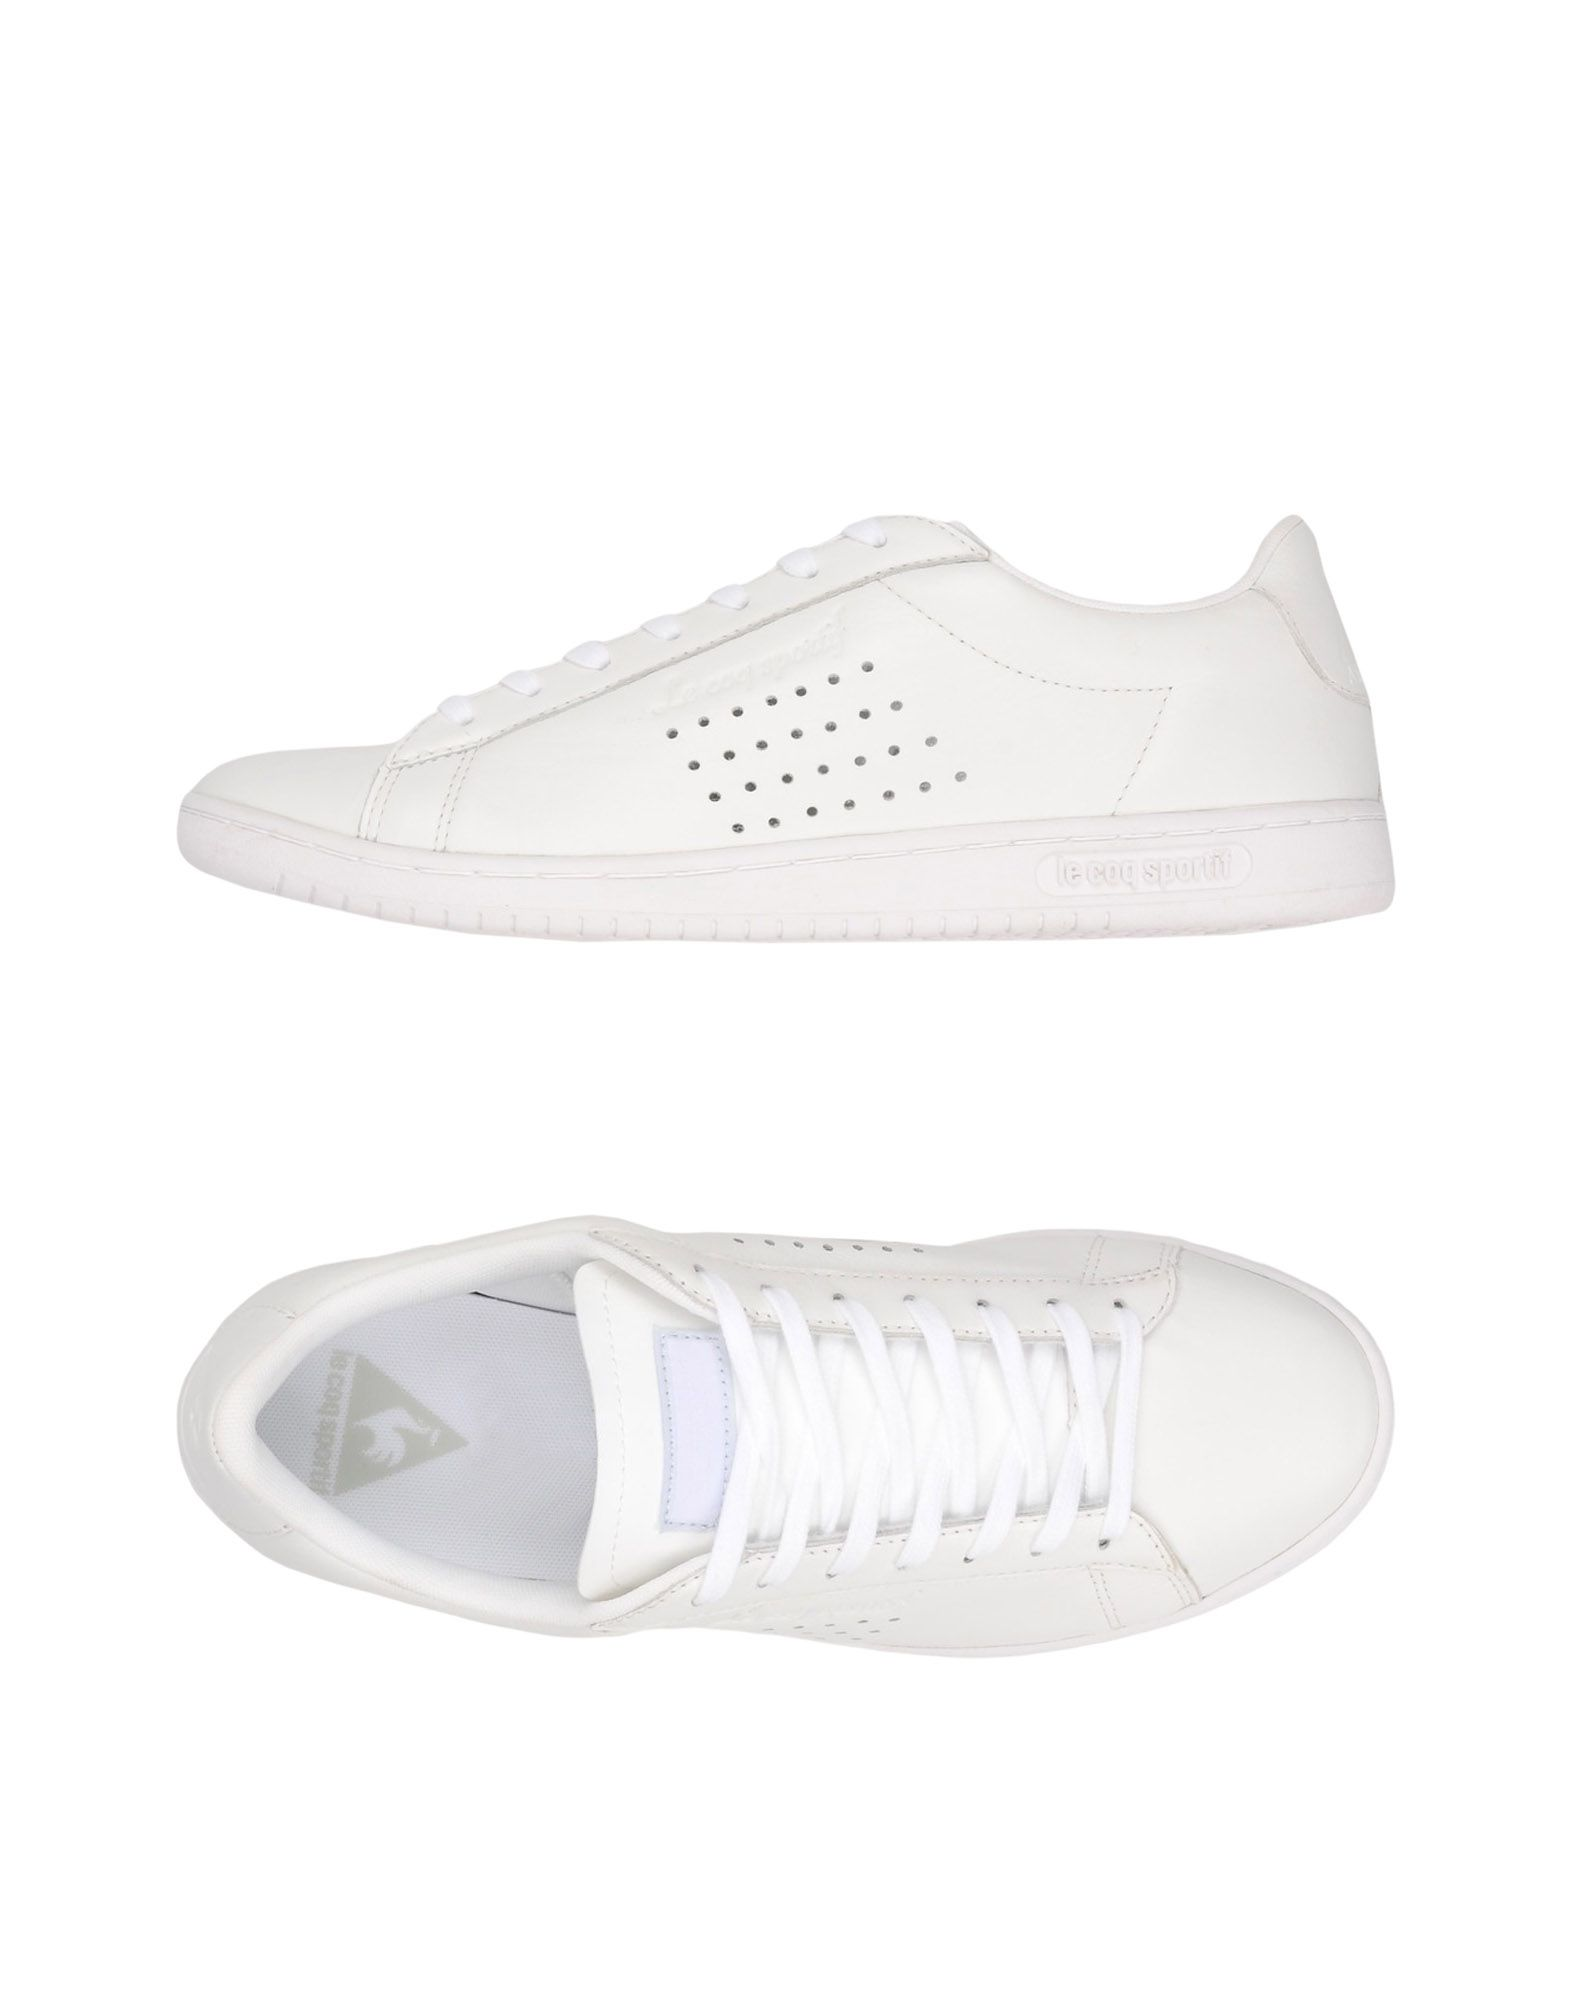 Sneakers Le Coq Sportif  Arthur Ashe Retro - Uomo - 11441575VN